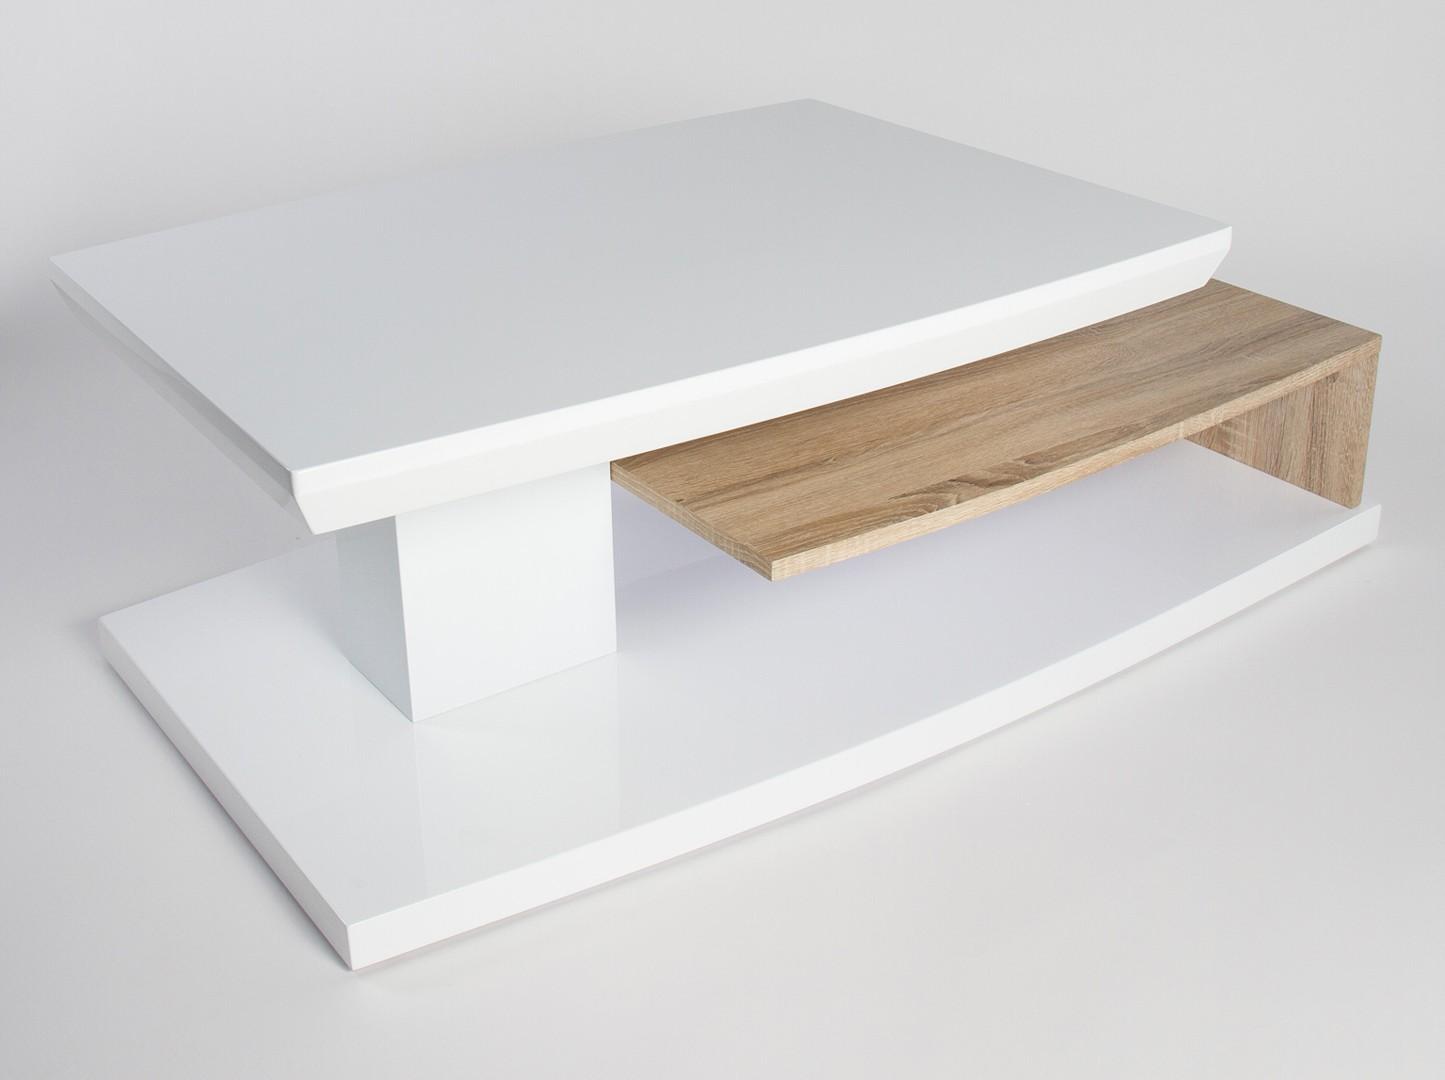 Table basse blanche et bois design